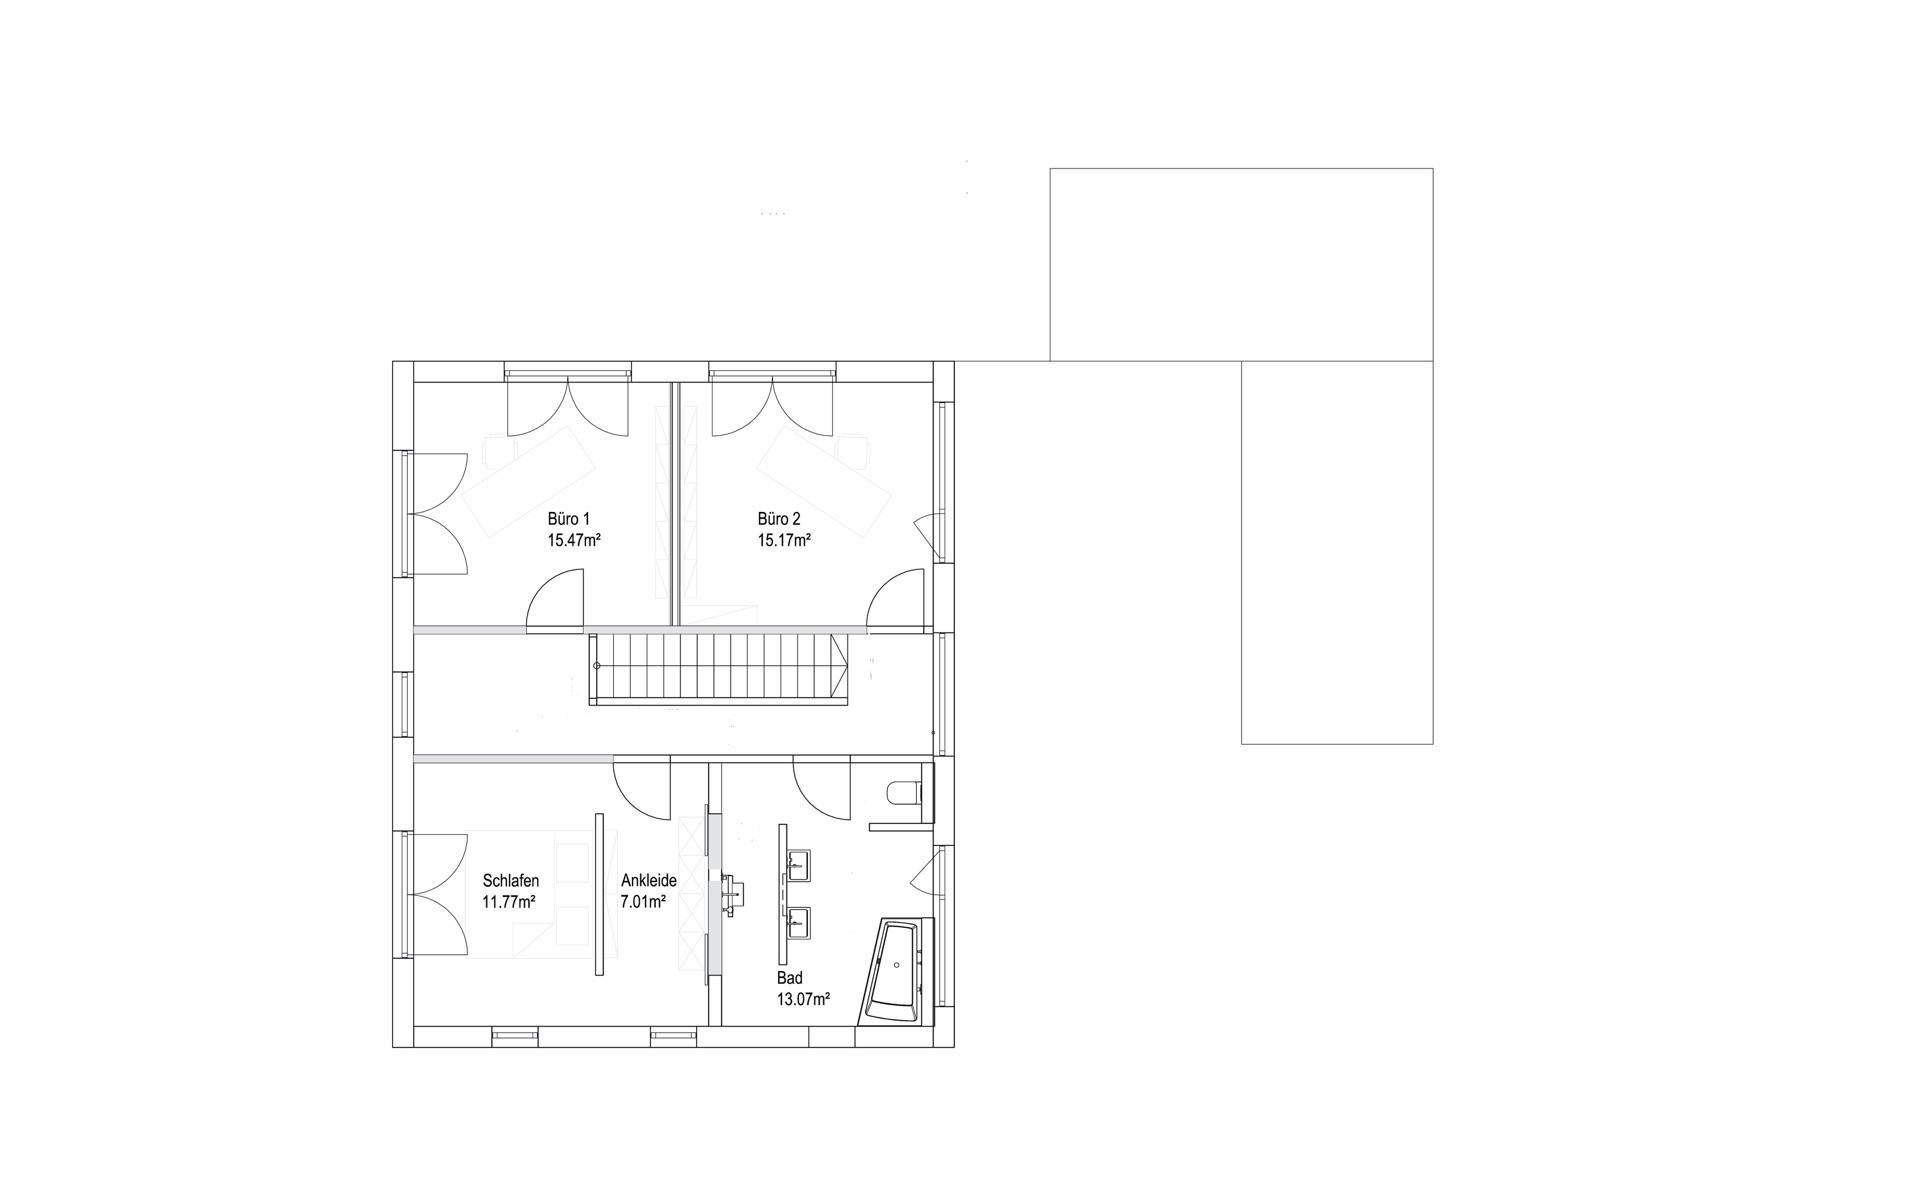 Obergeschoss Pultdach Klassik 138 von LUXHAUS Vertrieb GmbH & Co. KG